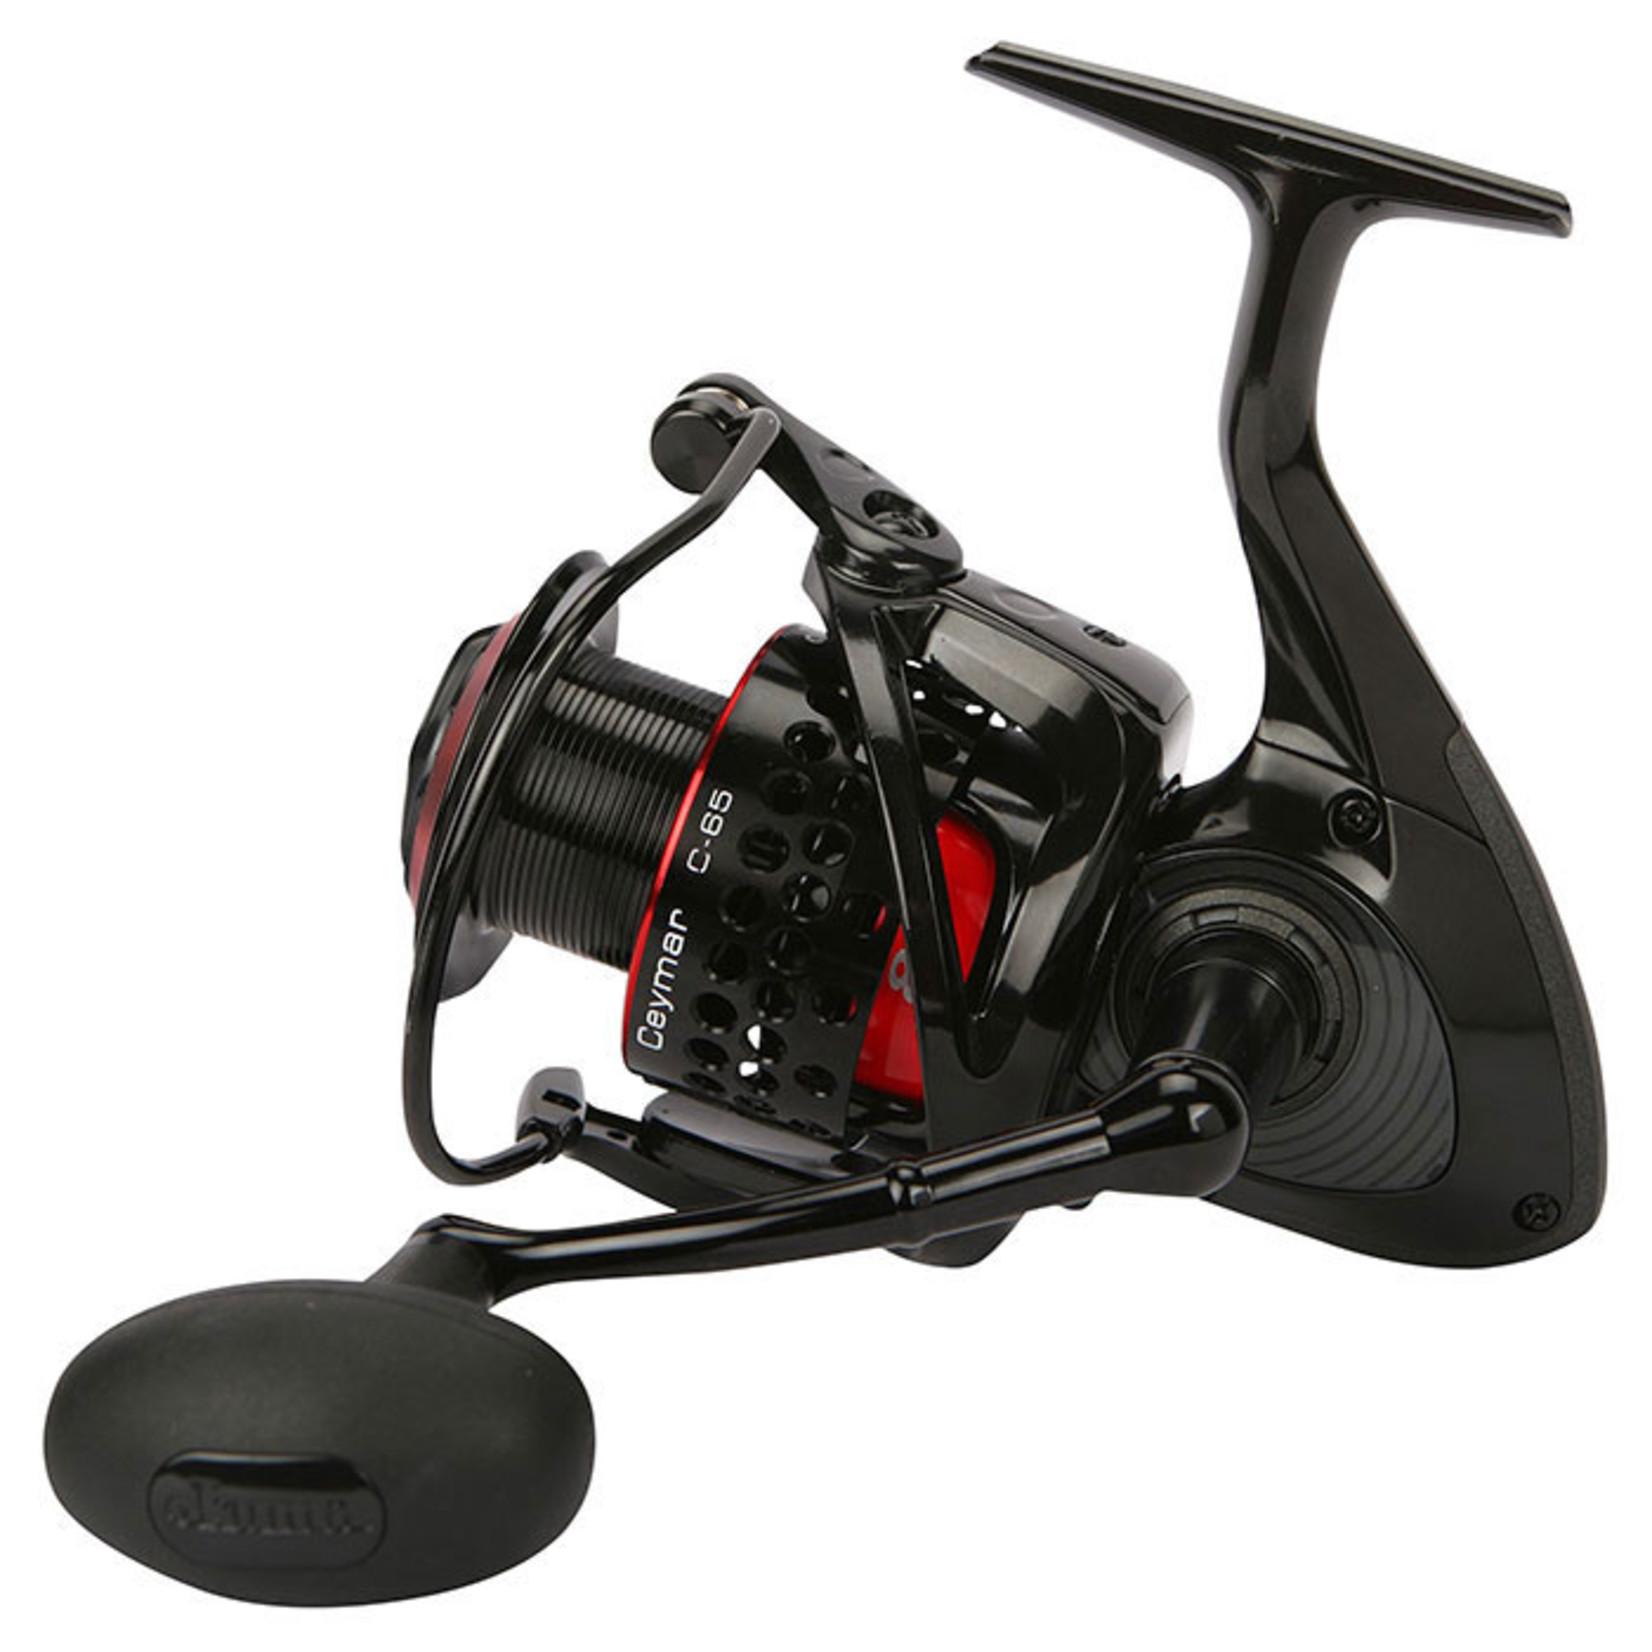 Okuma Fishing Tackle Okuma -Ceymar Spinning -6Bb + 1Rb, 5.0:1 Ratio  C-30